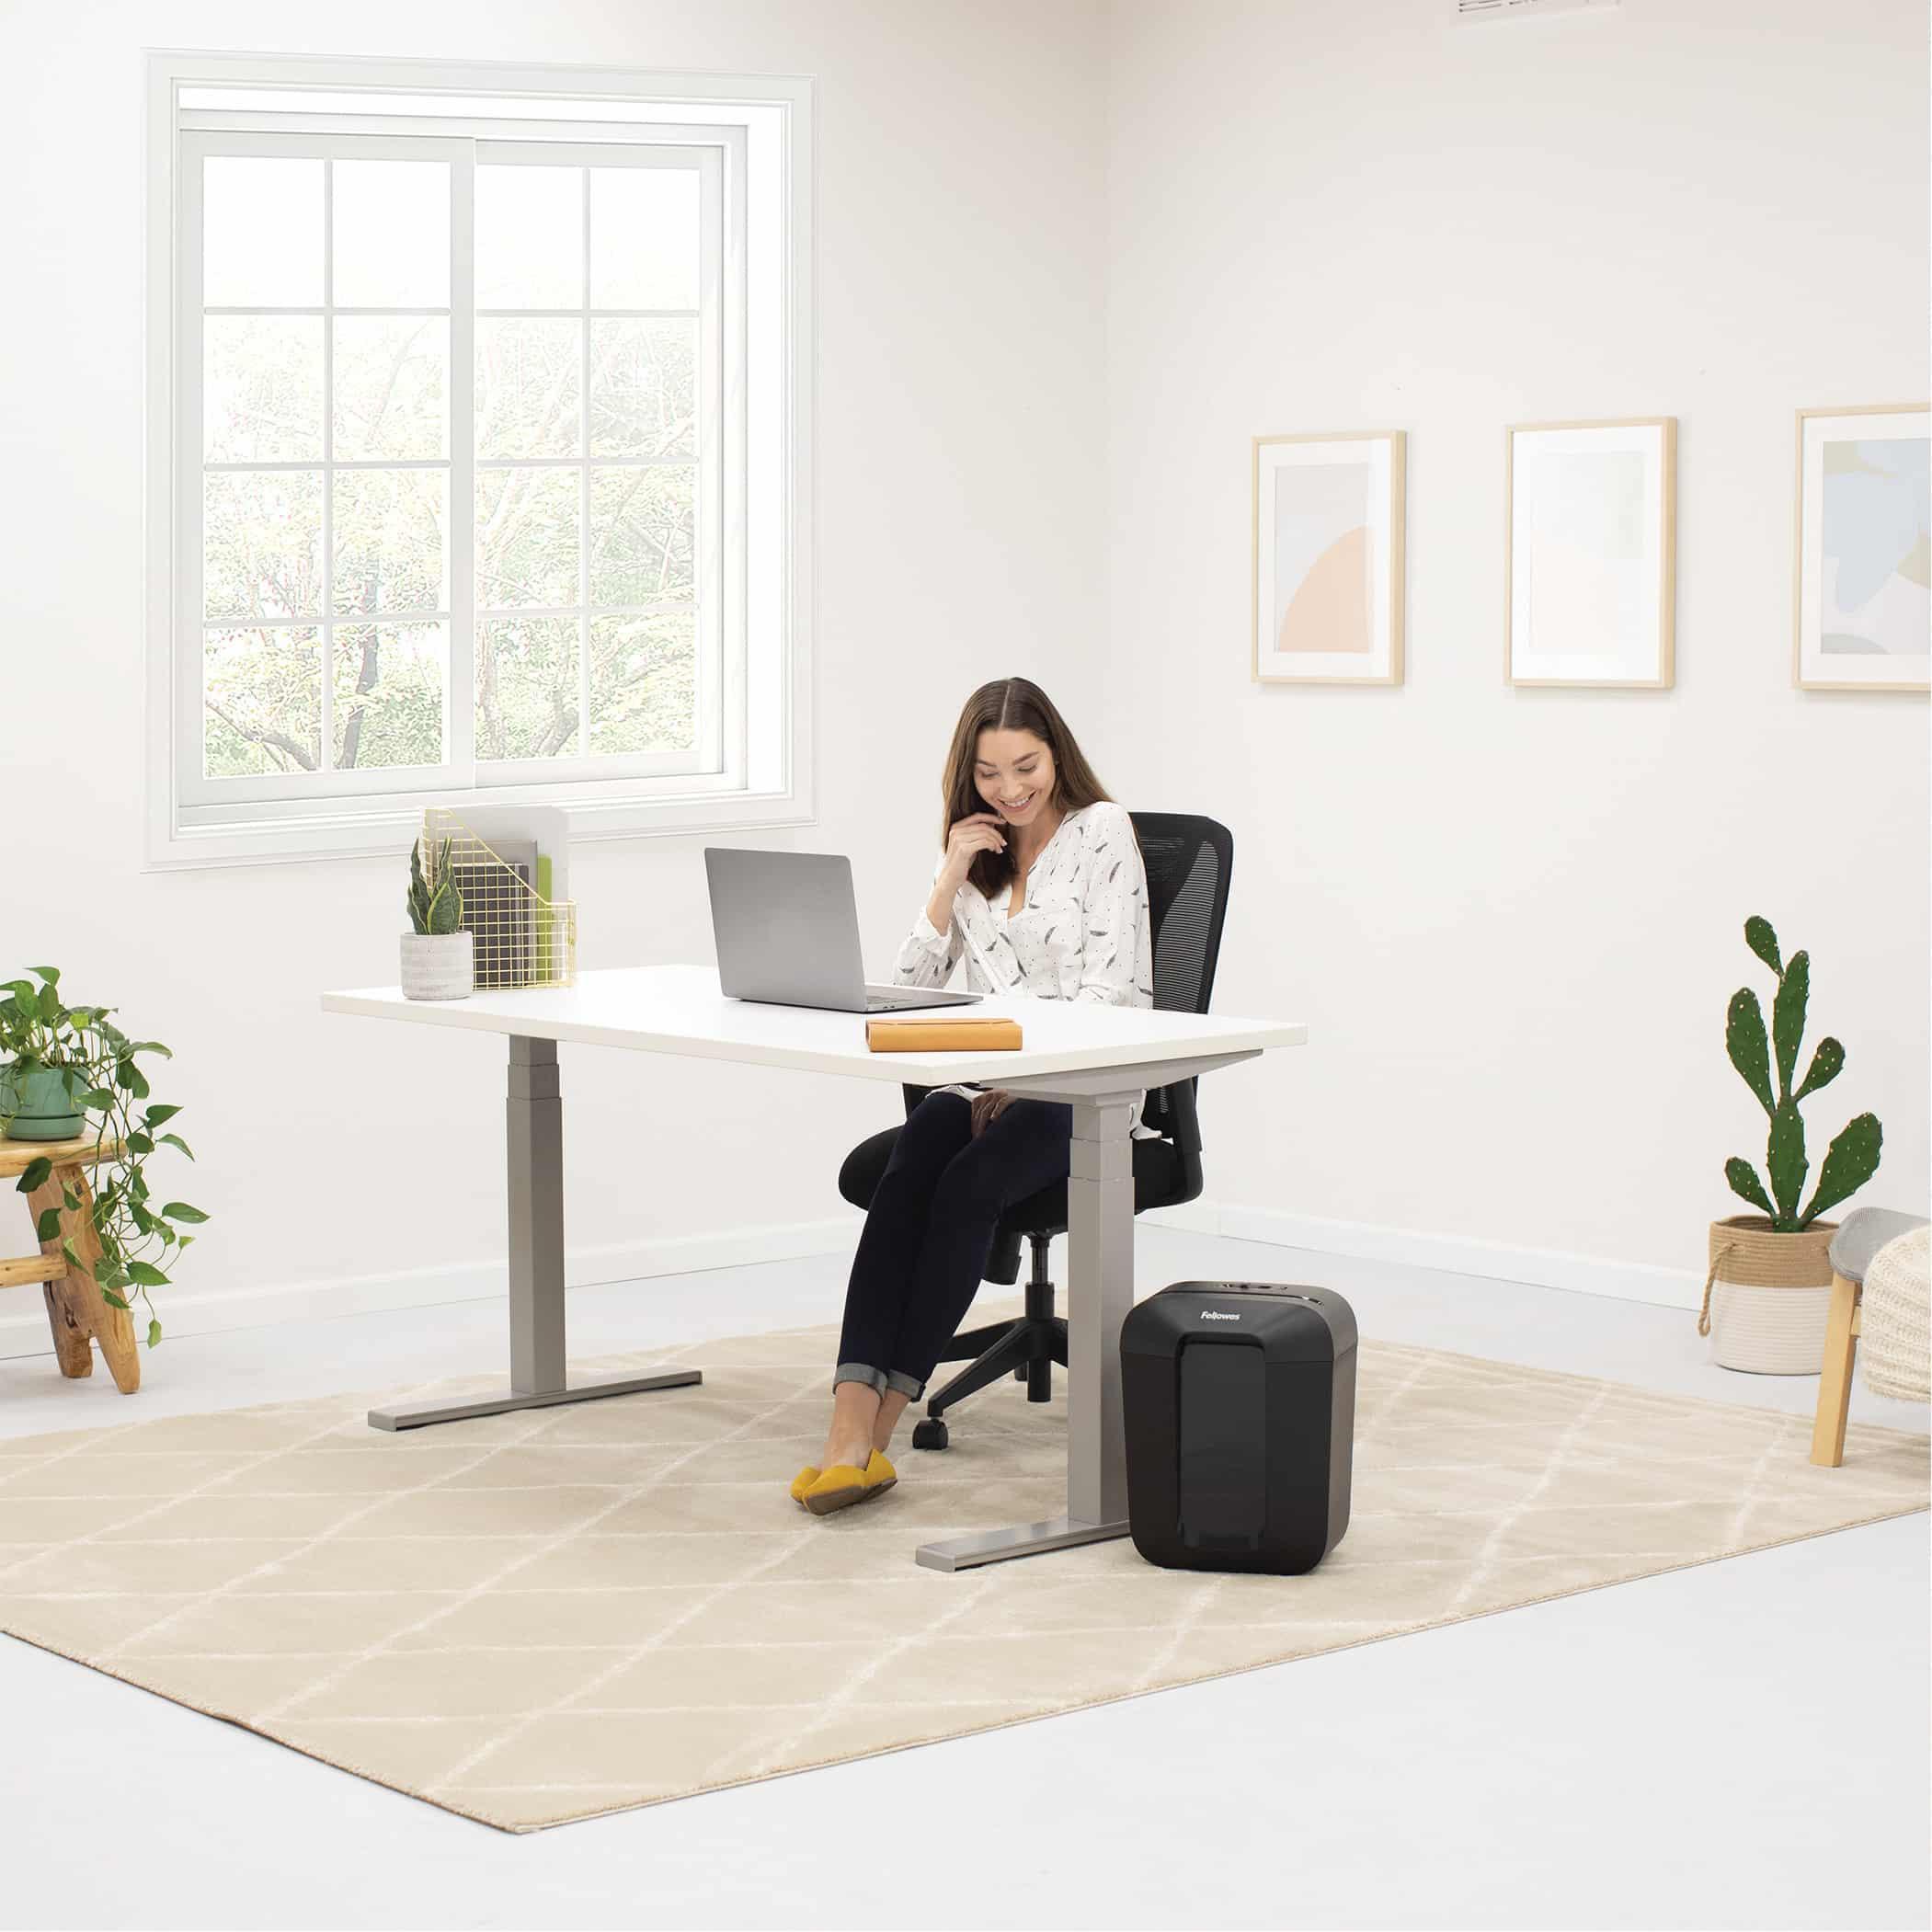 La destructora transversal Powershred® LX50-RS de 9 hojas es una destructora de escritorio fiable para uso personal